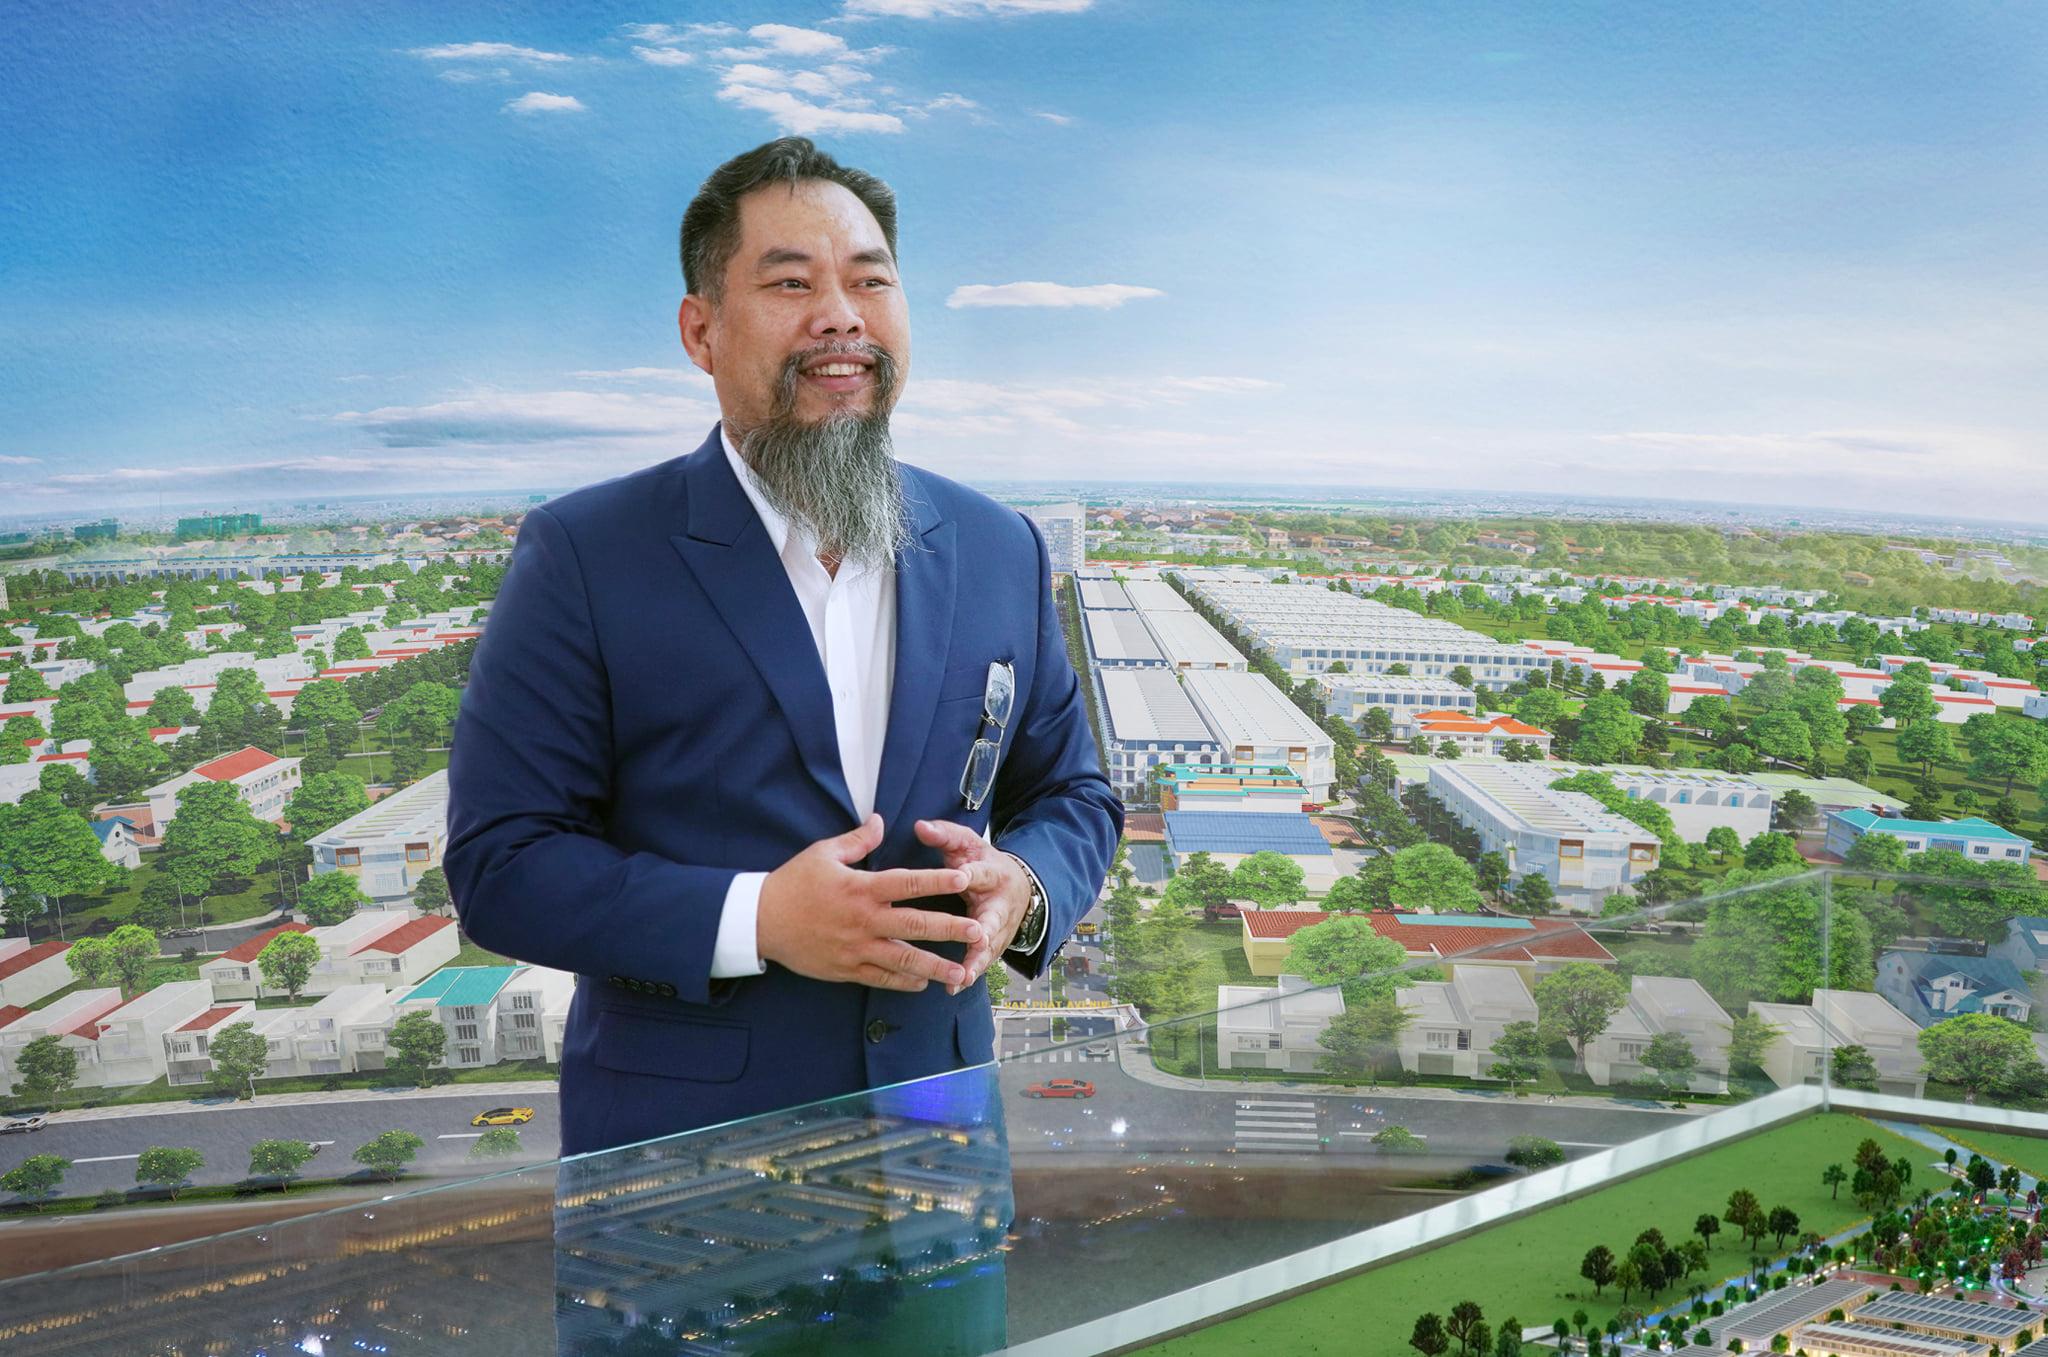 Tiềm năng dự án KDC Minh Châu dưới góc nhìn phong thủy